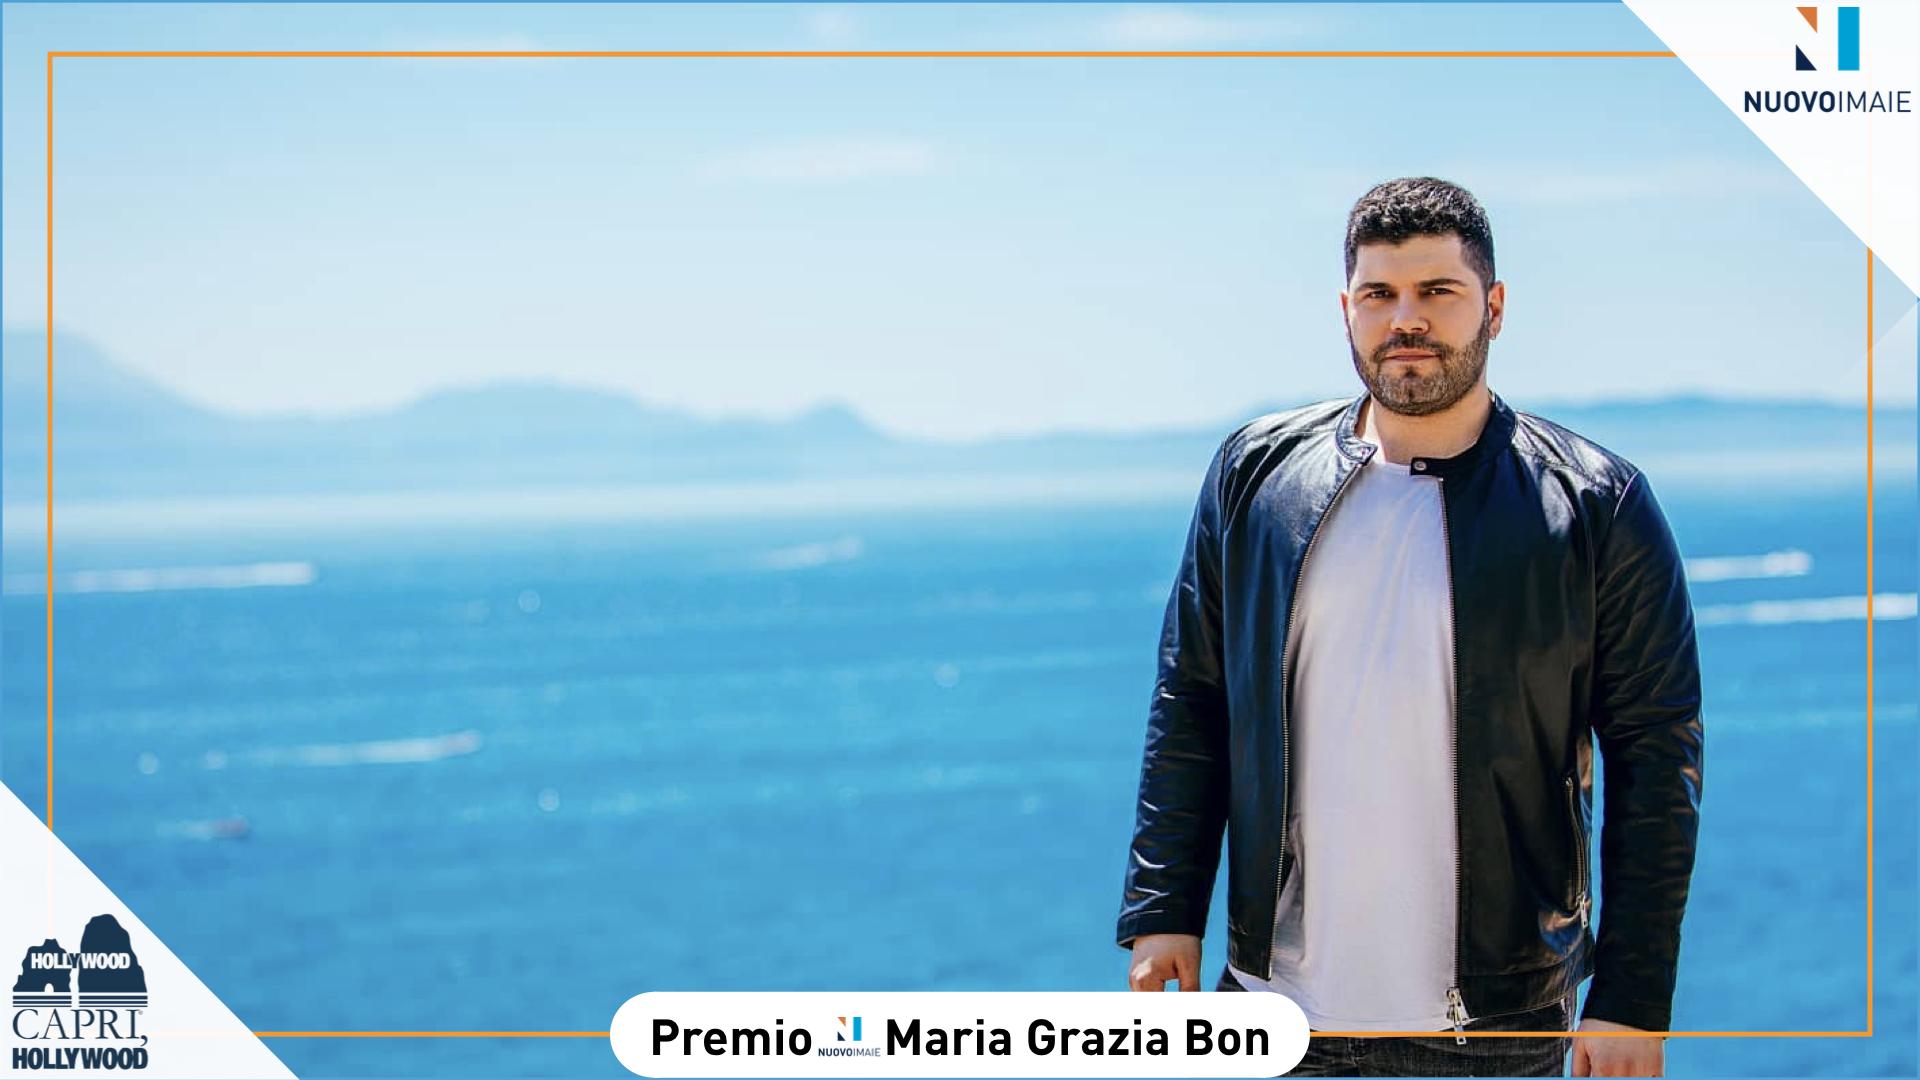 Capri Film Festival: a Salvatore Esposito il premio NUOVO IMAIE – Maria Grazia Bon